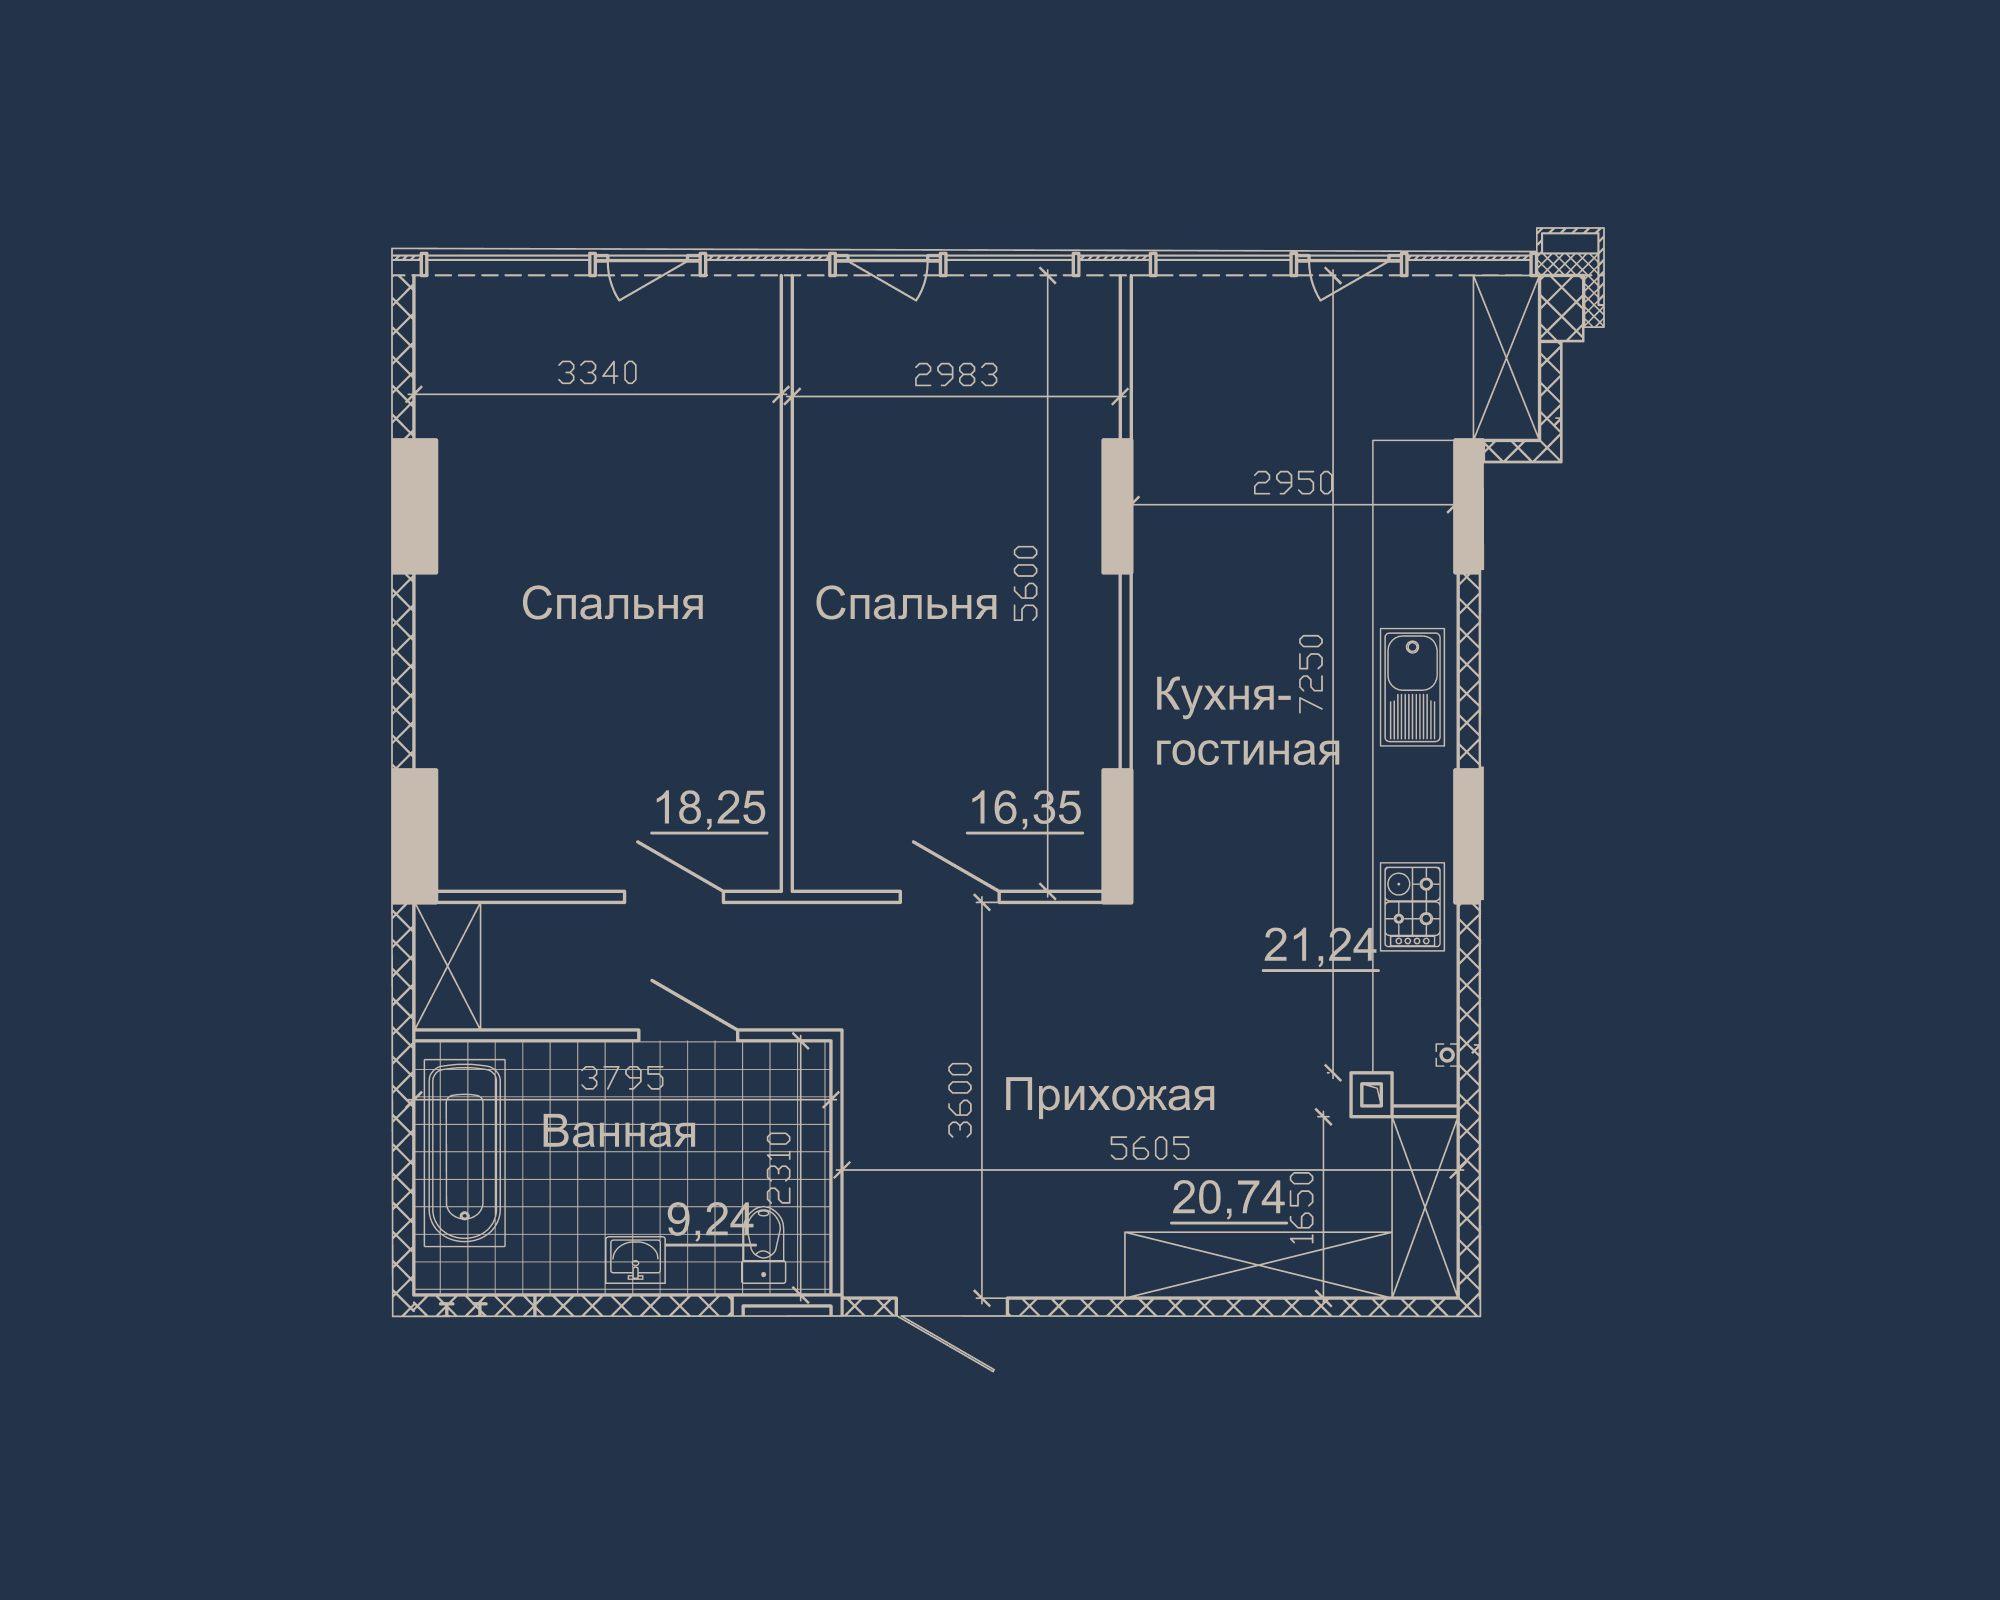 2-кімнатна квартира типу 06Б у ЖК Nebo